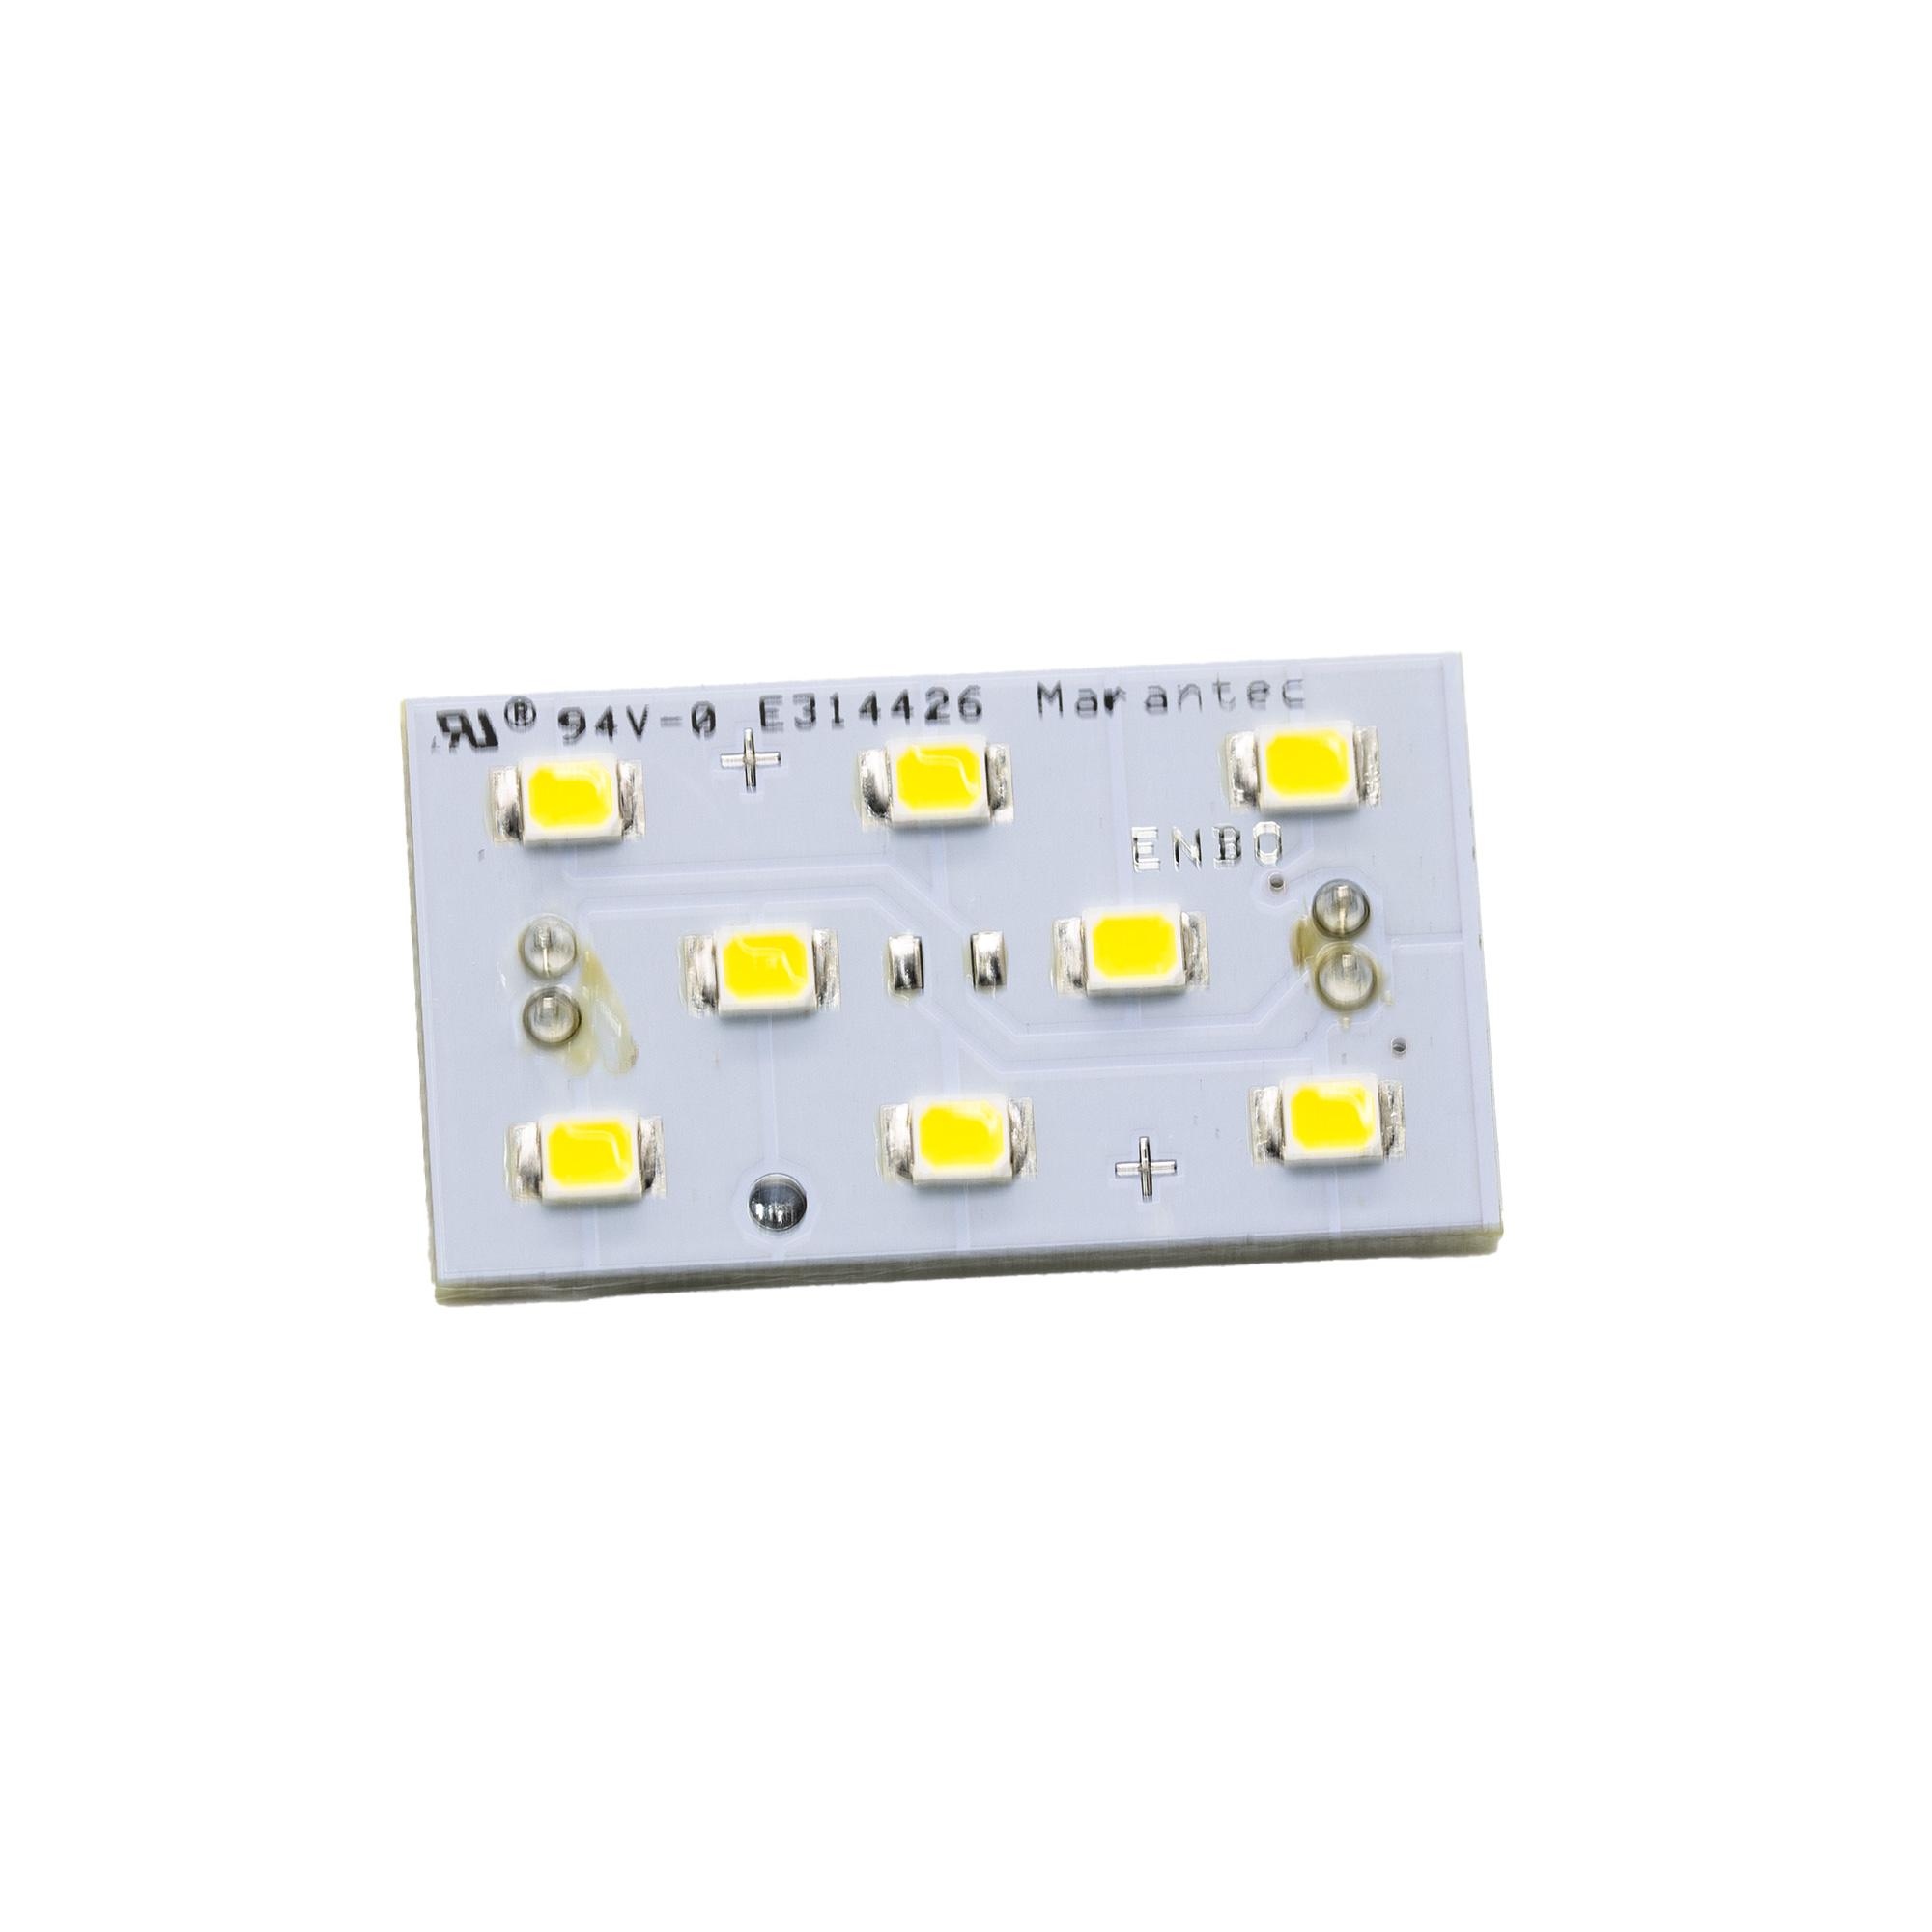 Marantec EL 200 LED